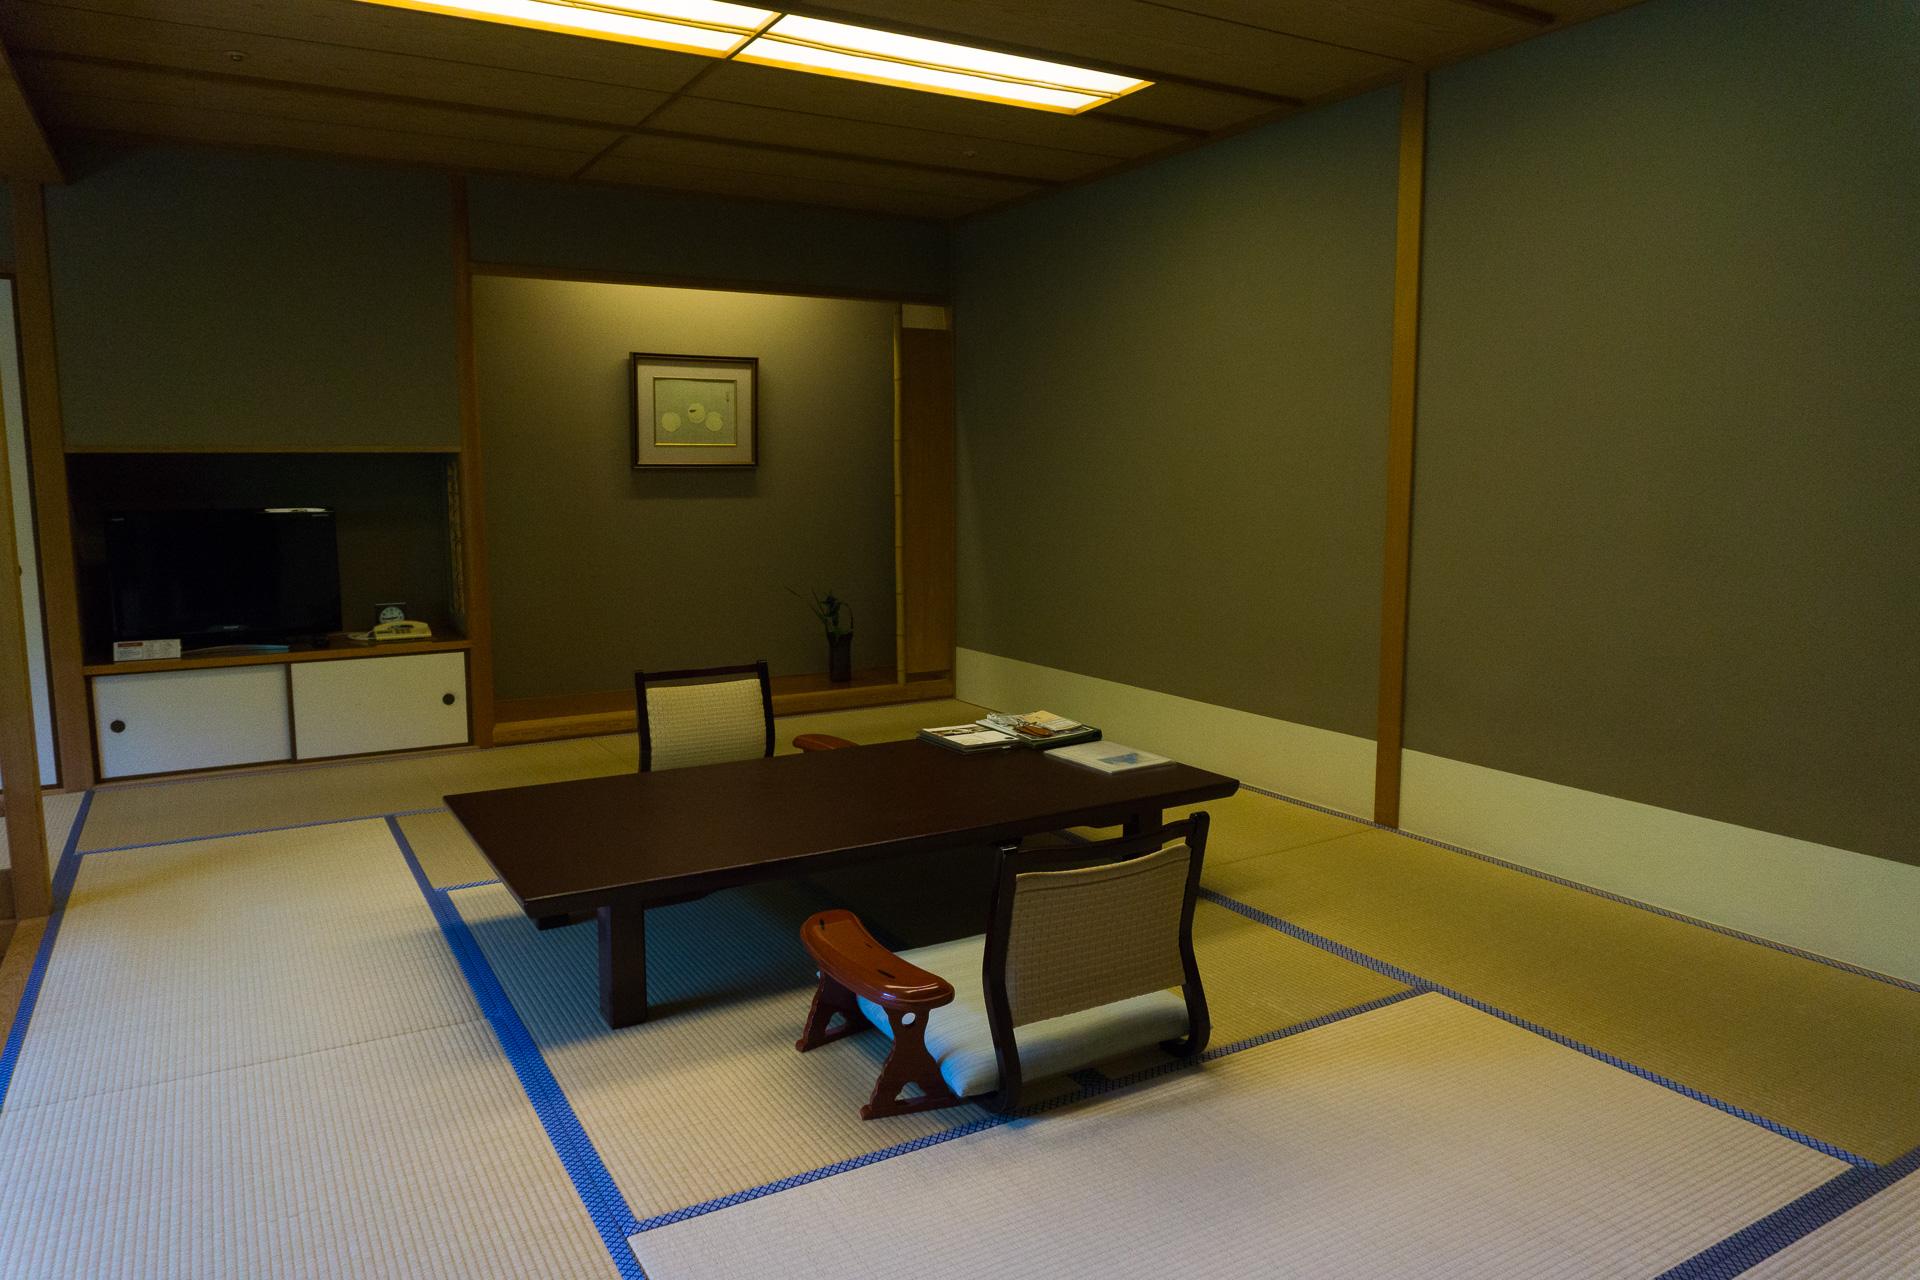 Japanese Style Superior Room - Nishimuraya Hotel Shogetsutei - Kinosaki Onsen ryokan - Kinosaki Onsen, Japan